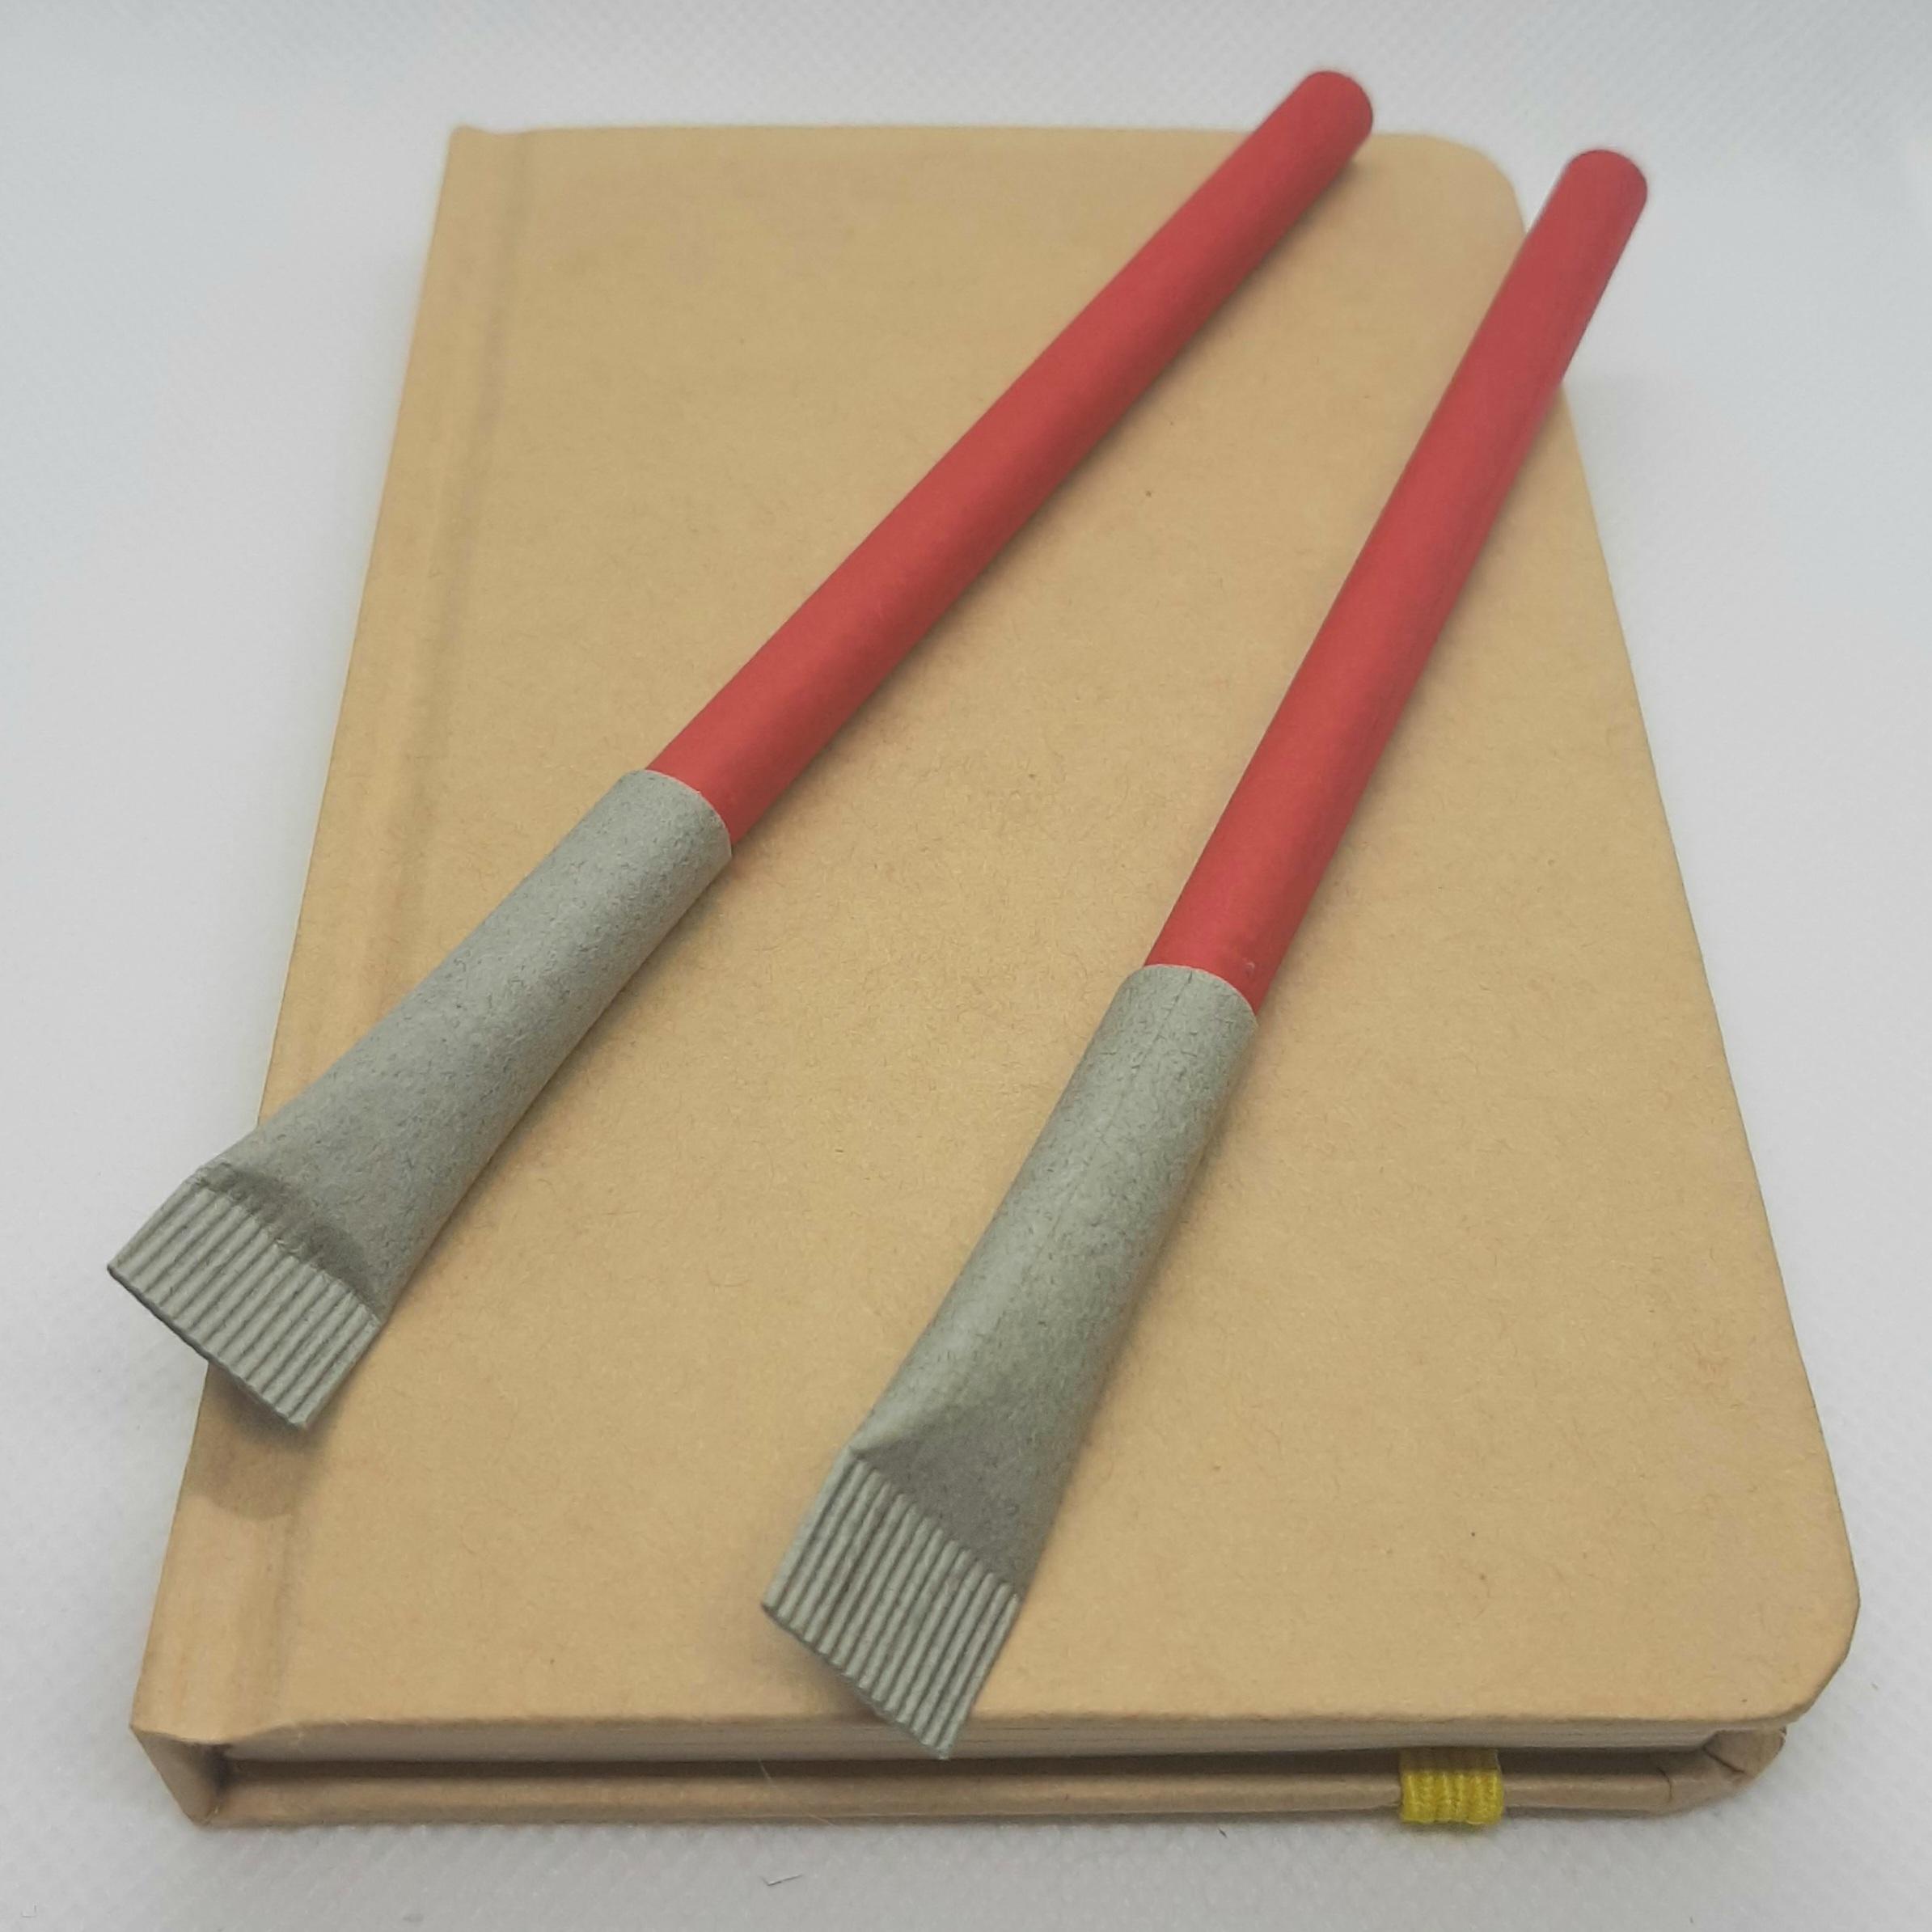 изготовление картонных ручек